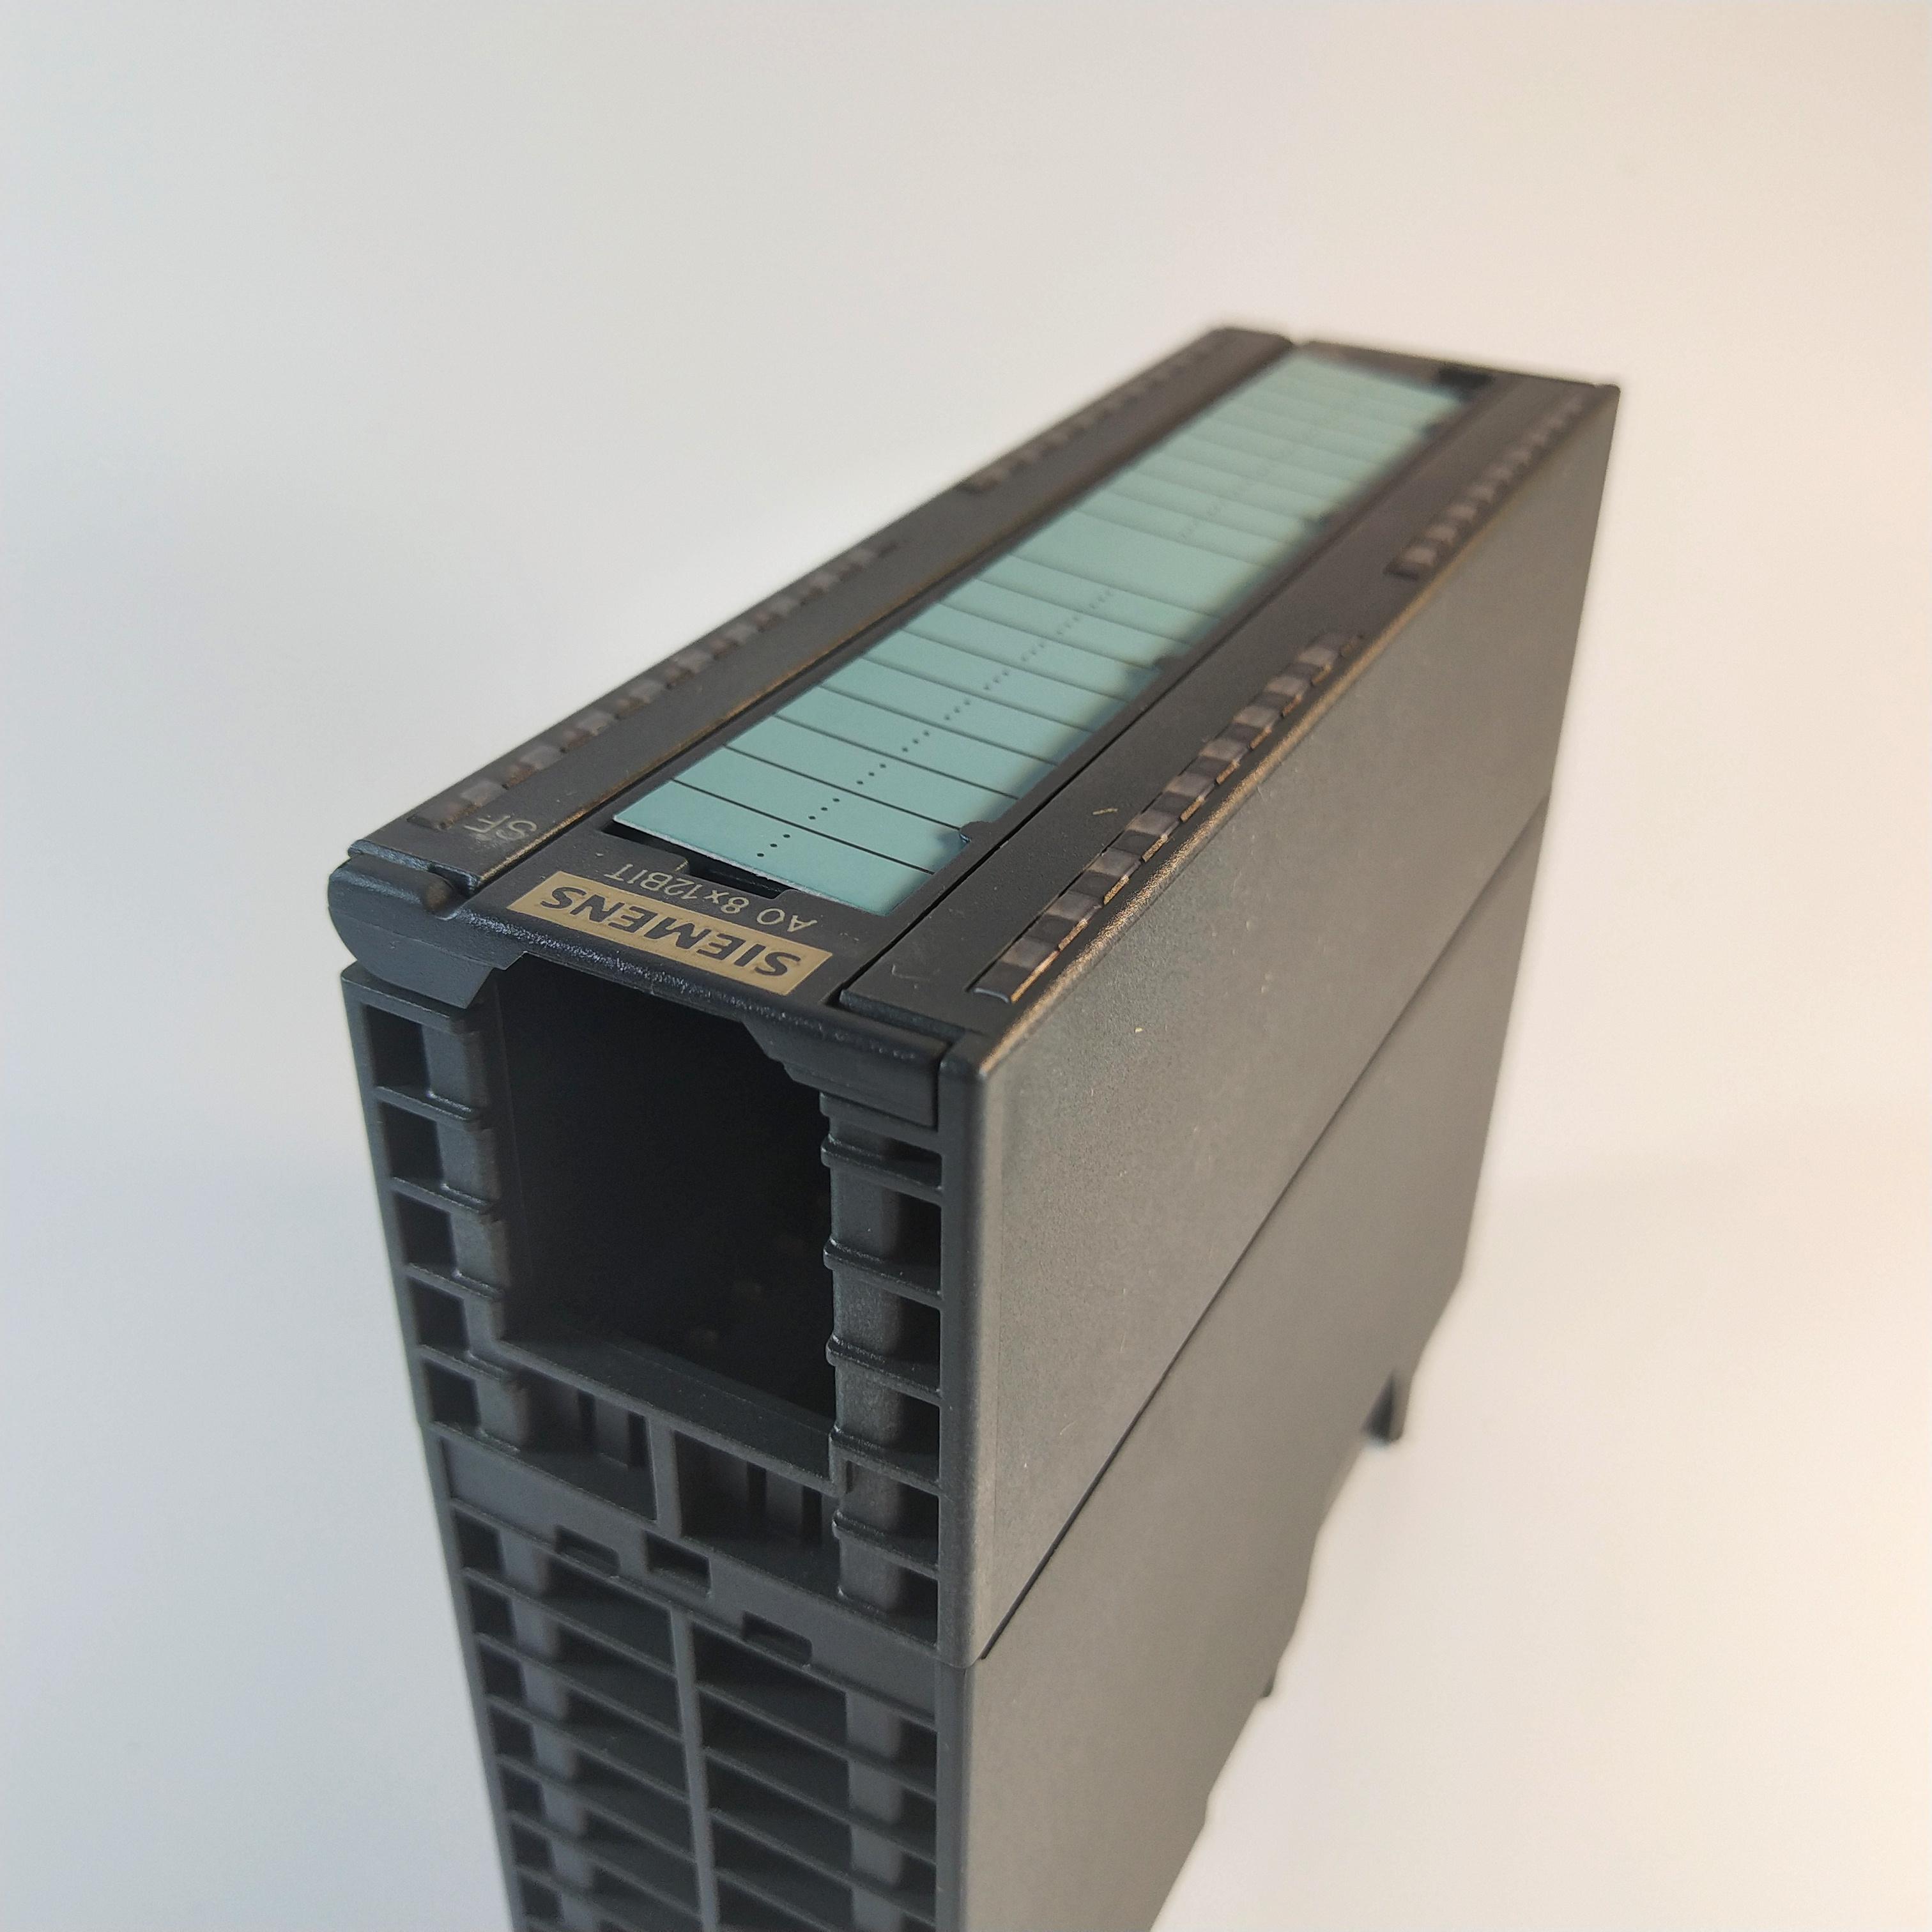 西門子 電源模塊 6SL3130-7TE21-6AA3 驅動